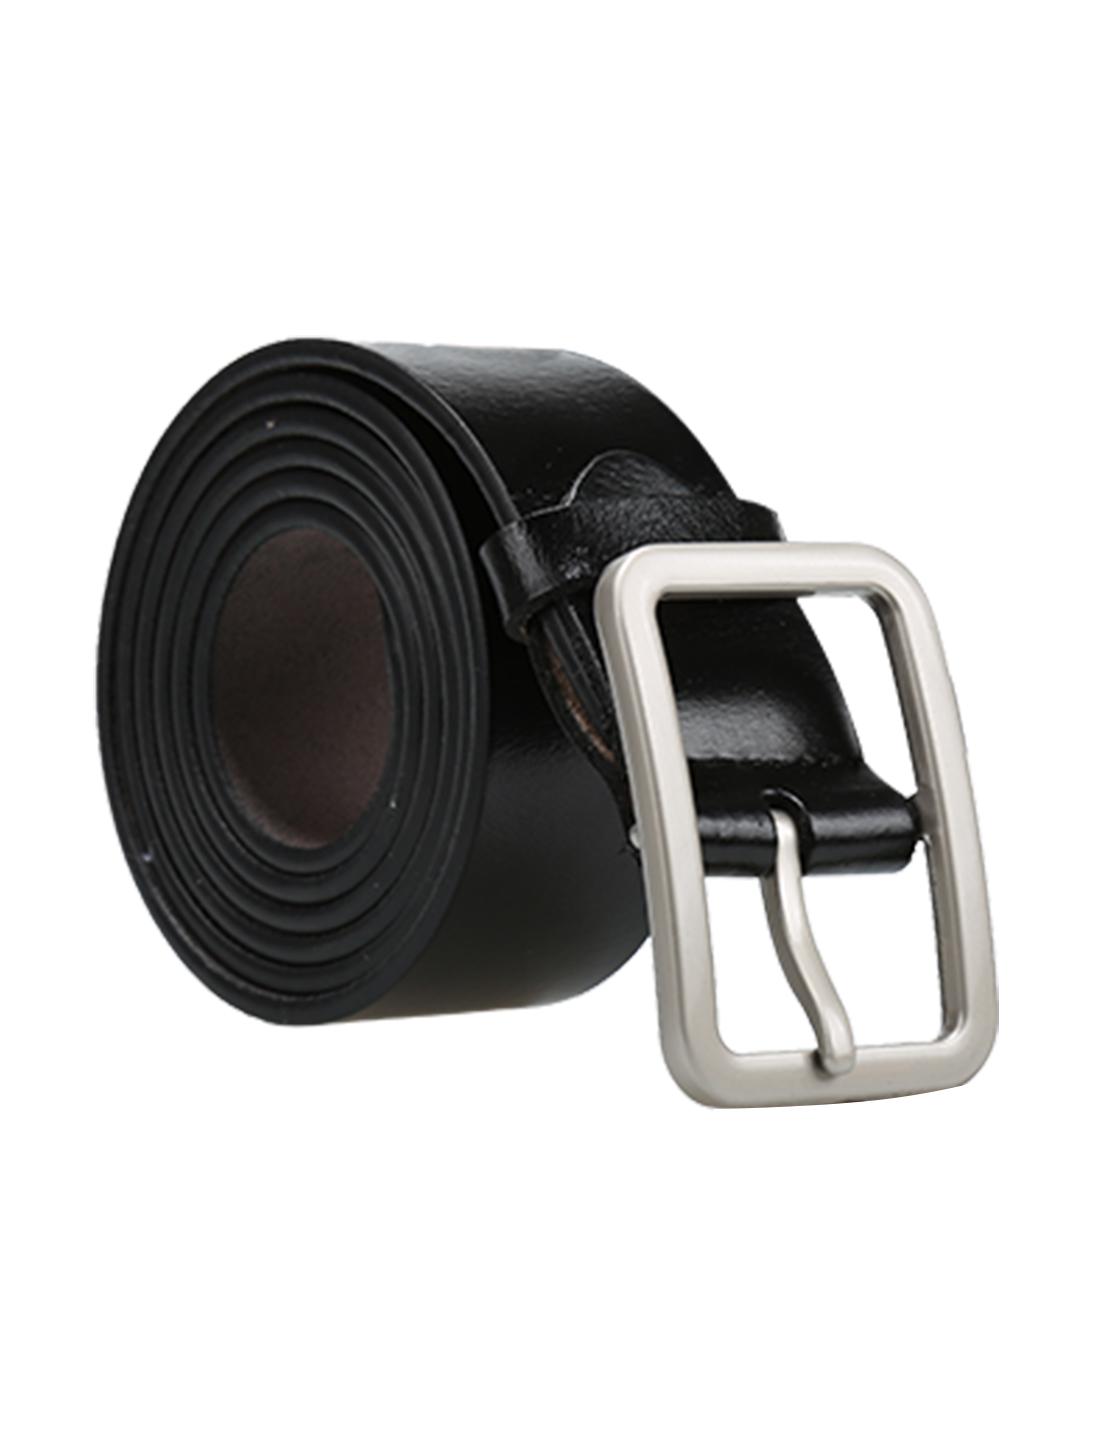 Men Casual Single Pin Buckle Dress Leather Belt 33mm Width 1 1/4 Black 110cm